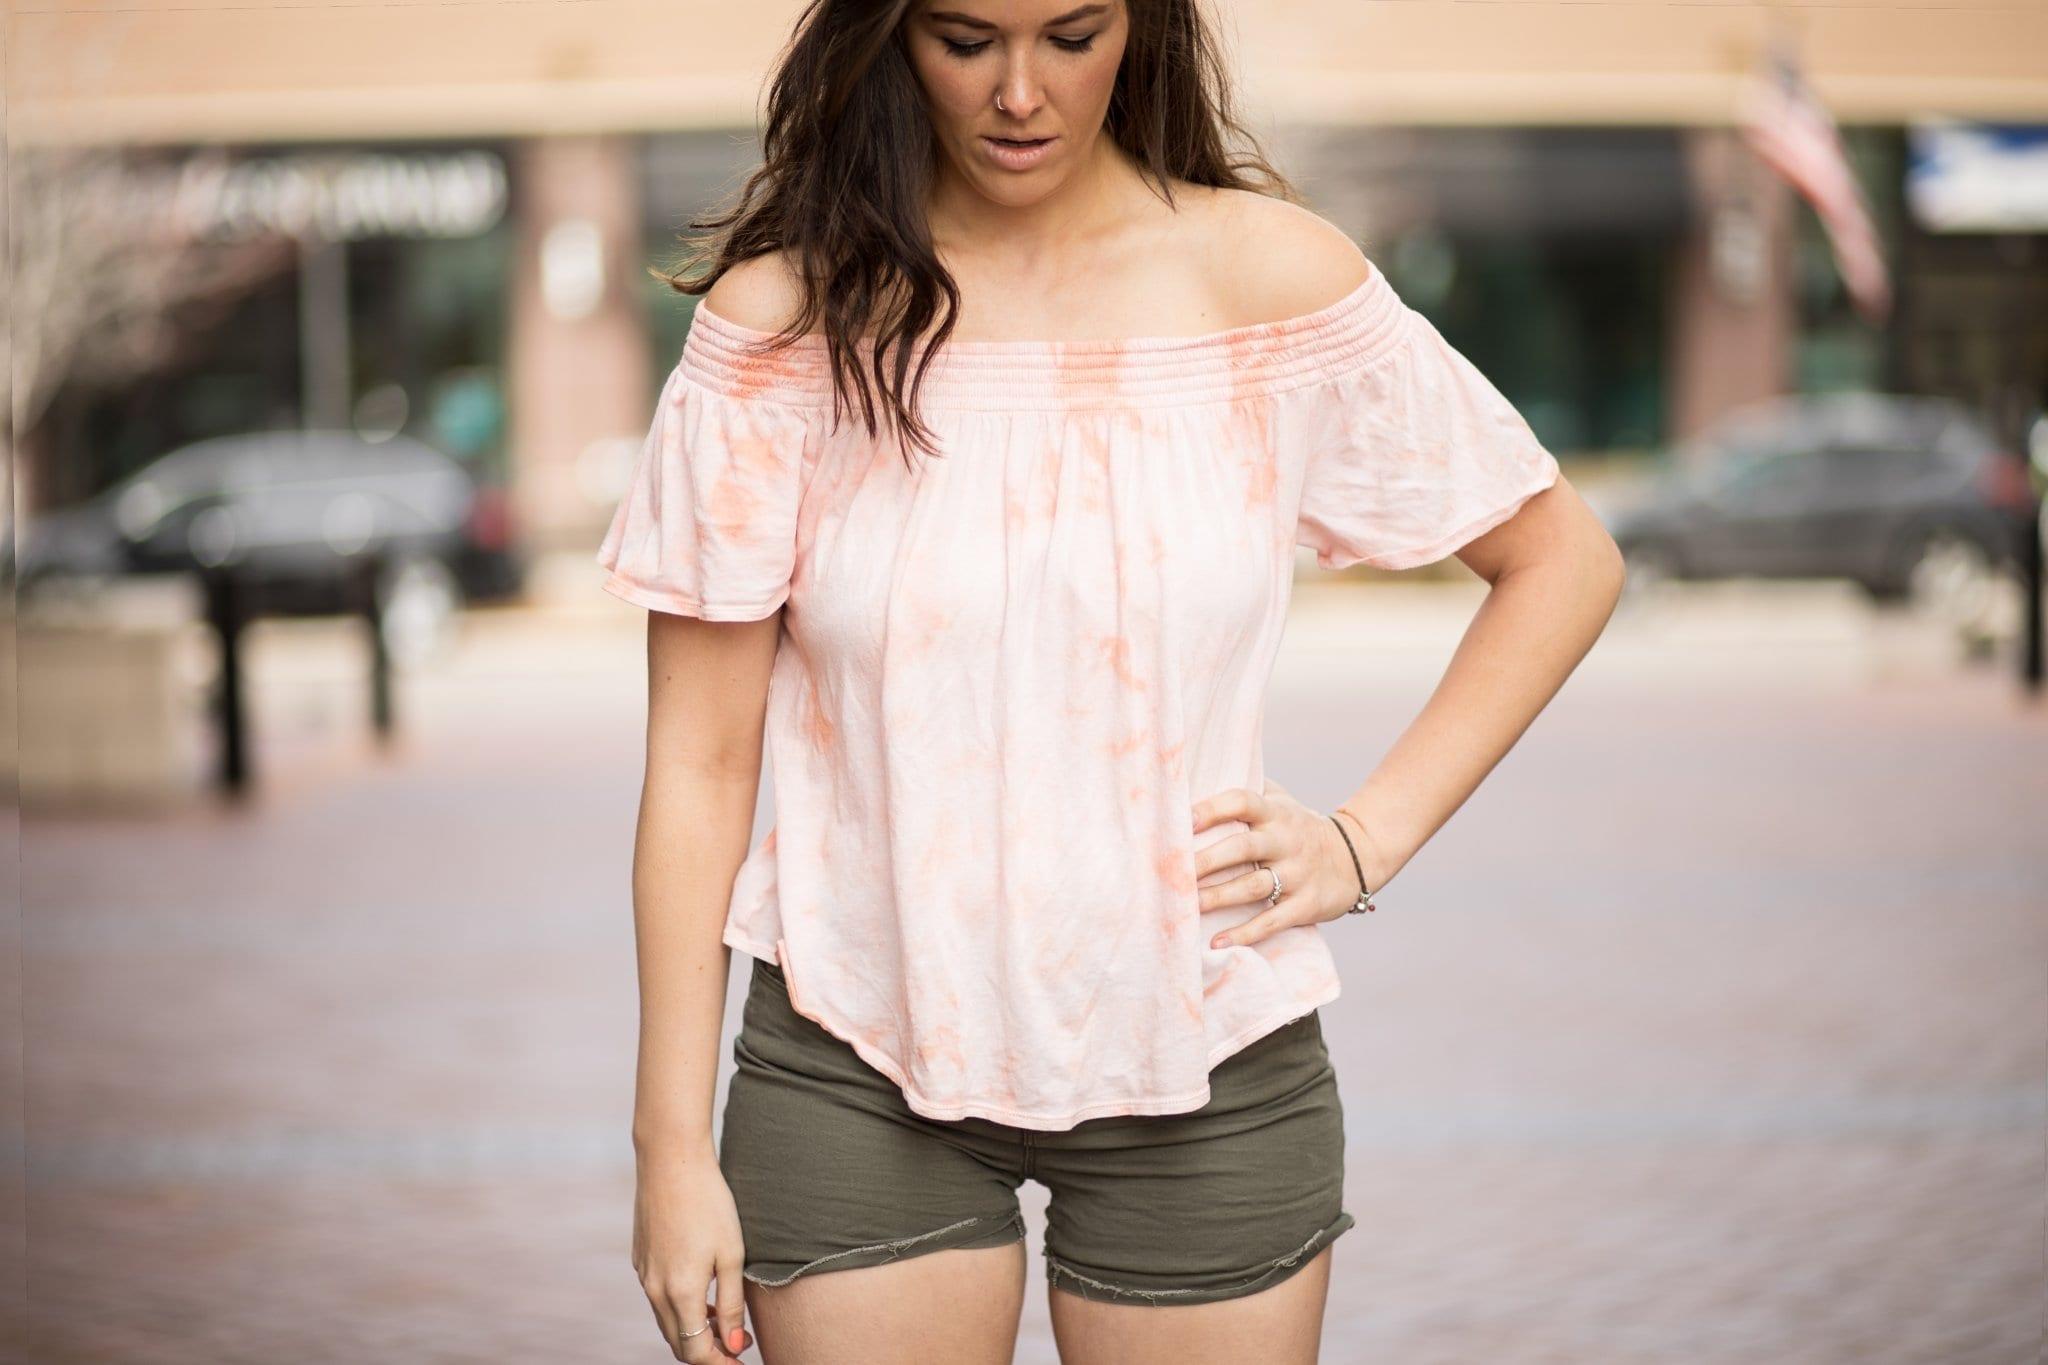 off shoulder tops for spring | spring style | pink off shoulder | army green shorts | Off shoulder top | Never Skip Brunch